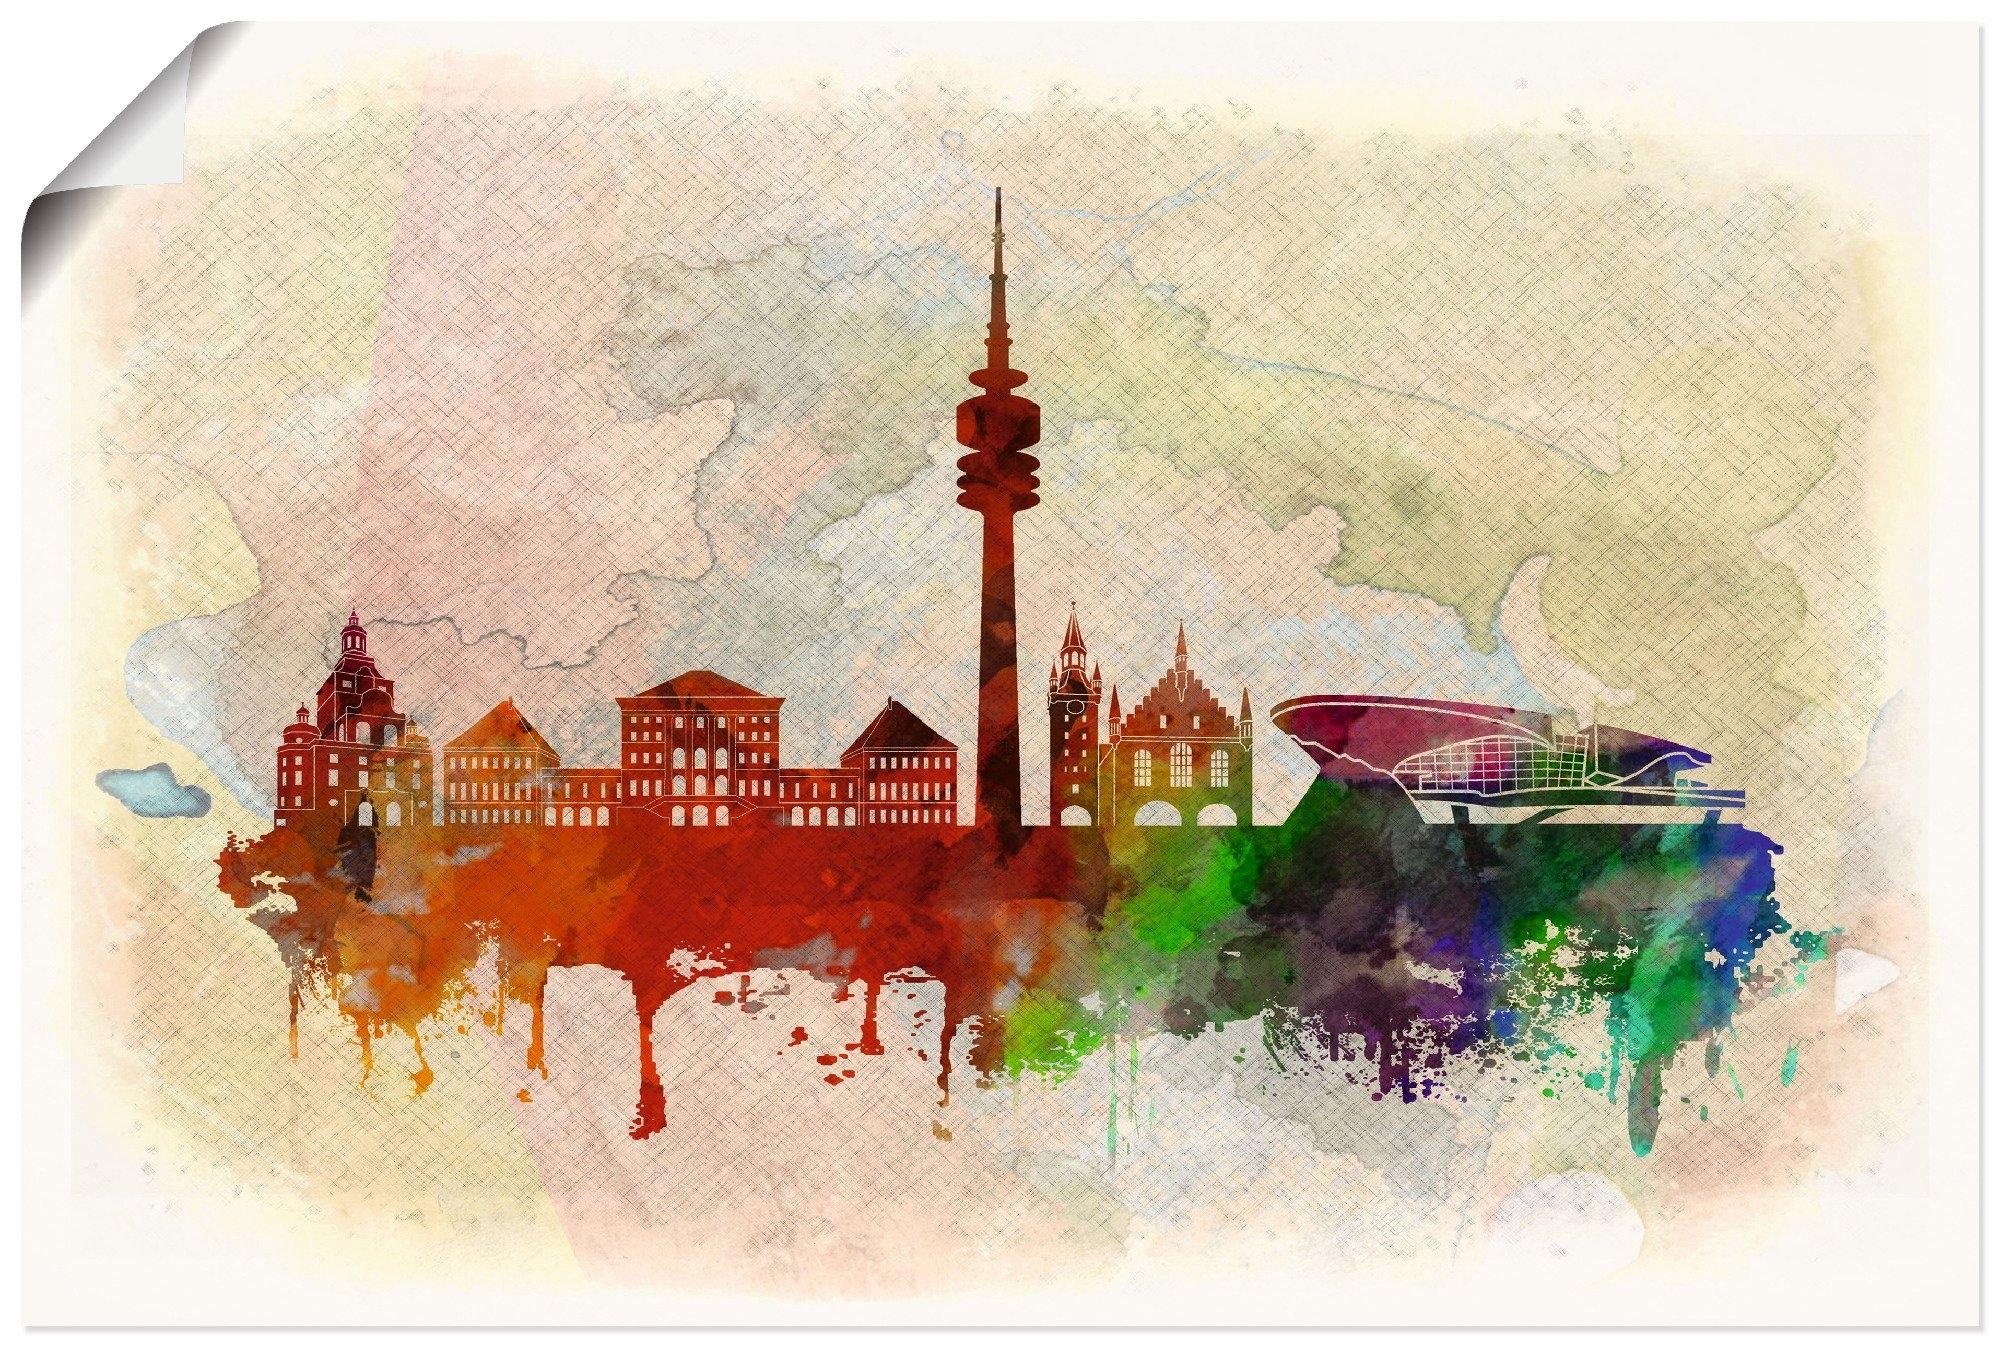 Artland artprint München Duitsland Skyline in vele afmetingen & productsoorten - artprint van aluminium / artprint voor buiten, artprint op linnen, poster, muursticker / wandfolie ook geschikt voor de badkamer (1 stuk) bij OTTO online kopen